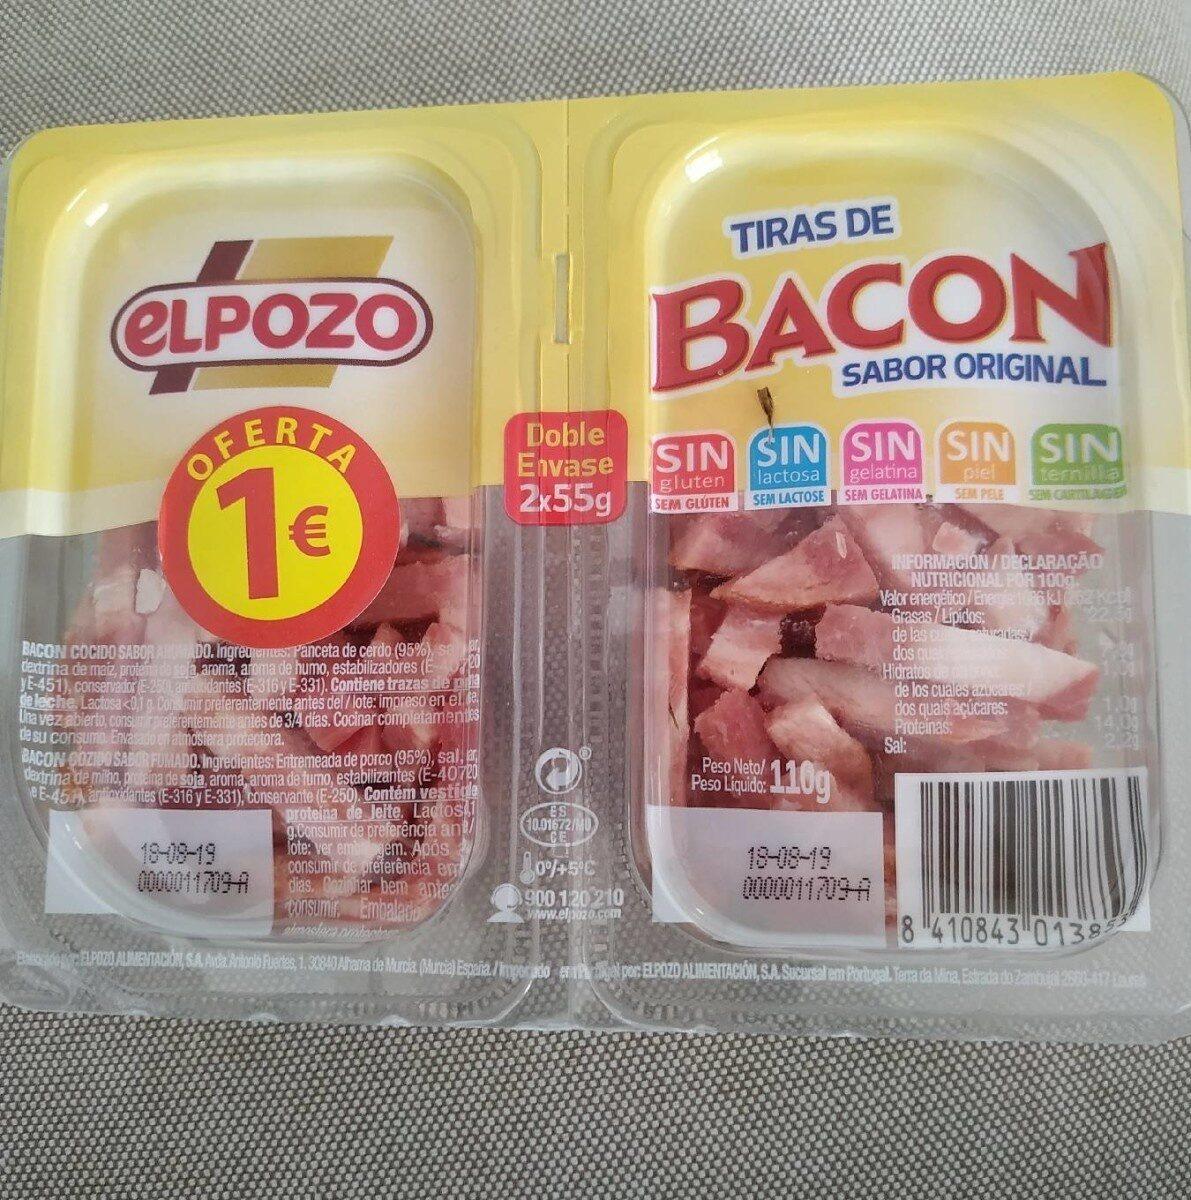 Tiras de Bacon El Pozo - Producte - es